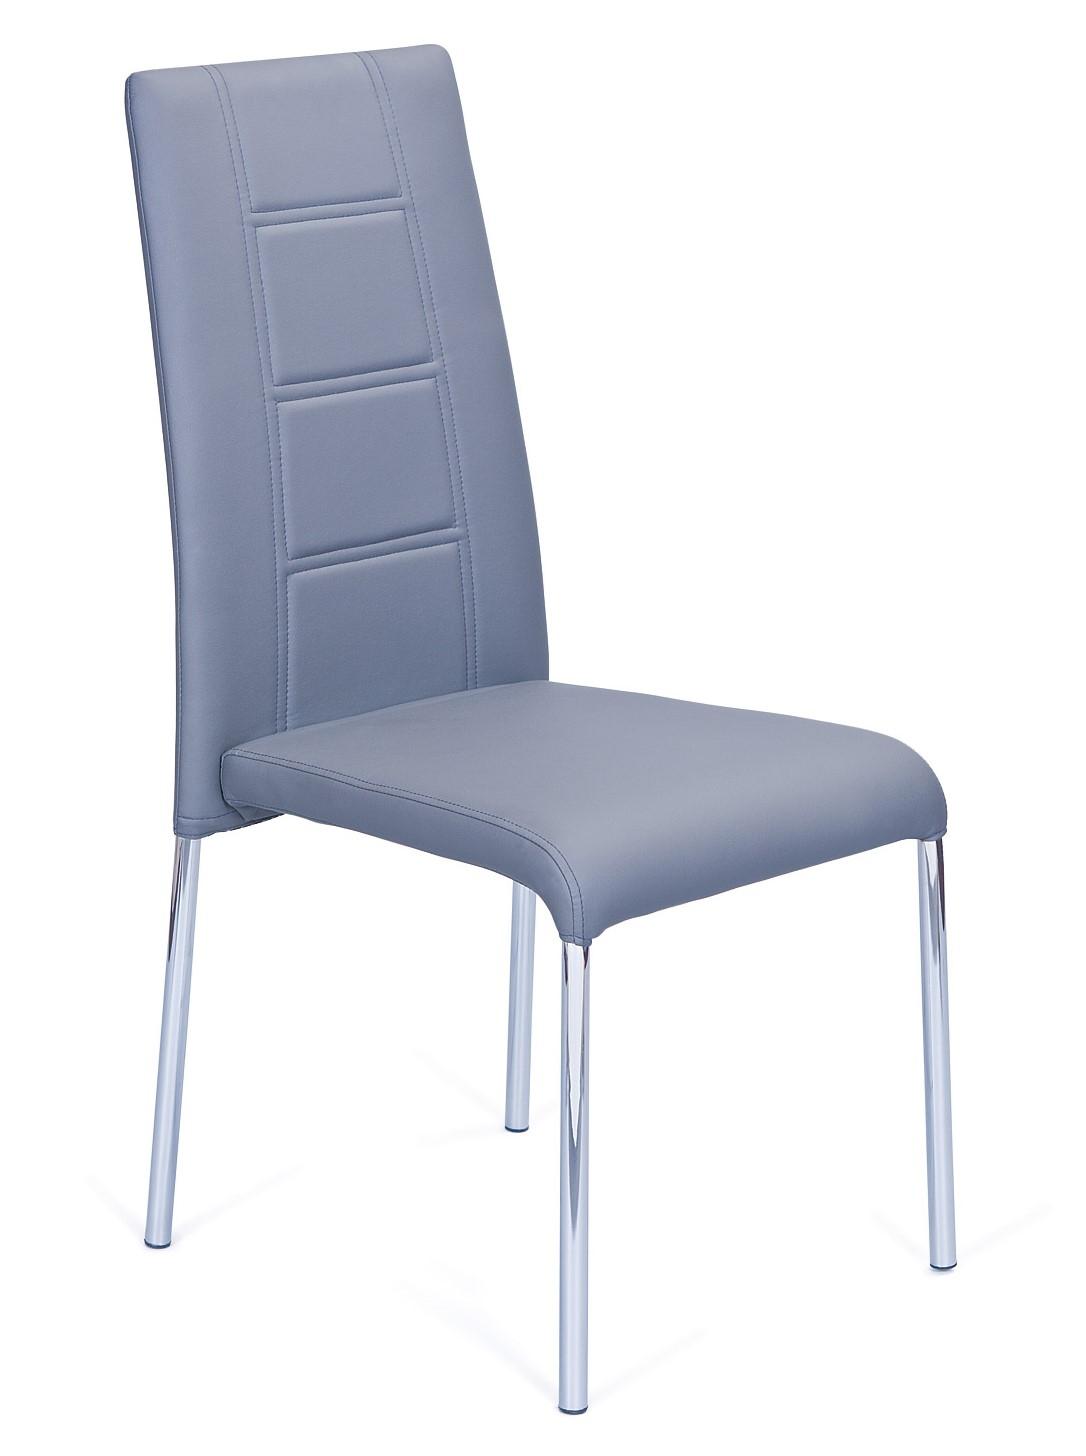 chaise m tal chrom grise zelie lot de 4. Black Bedroom Furniture Sets. Home Design Ideas